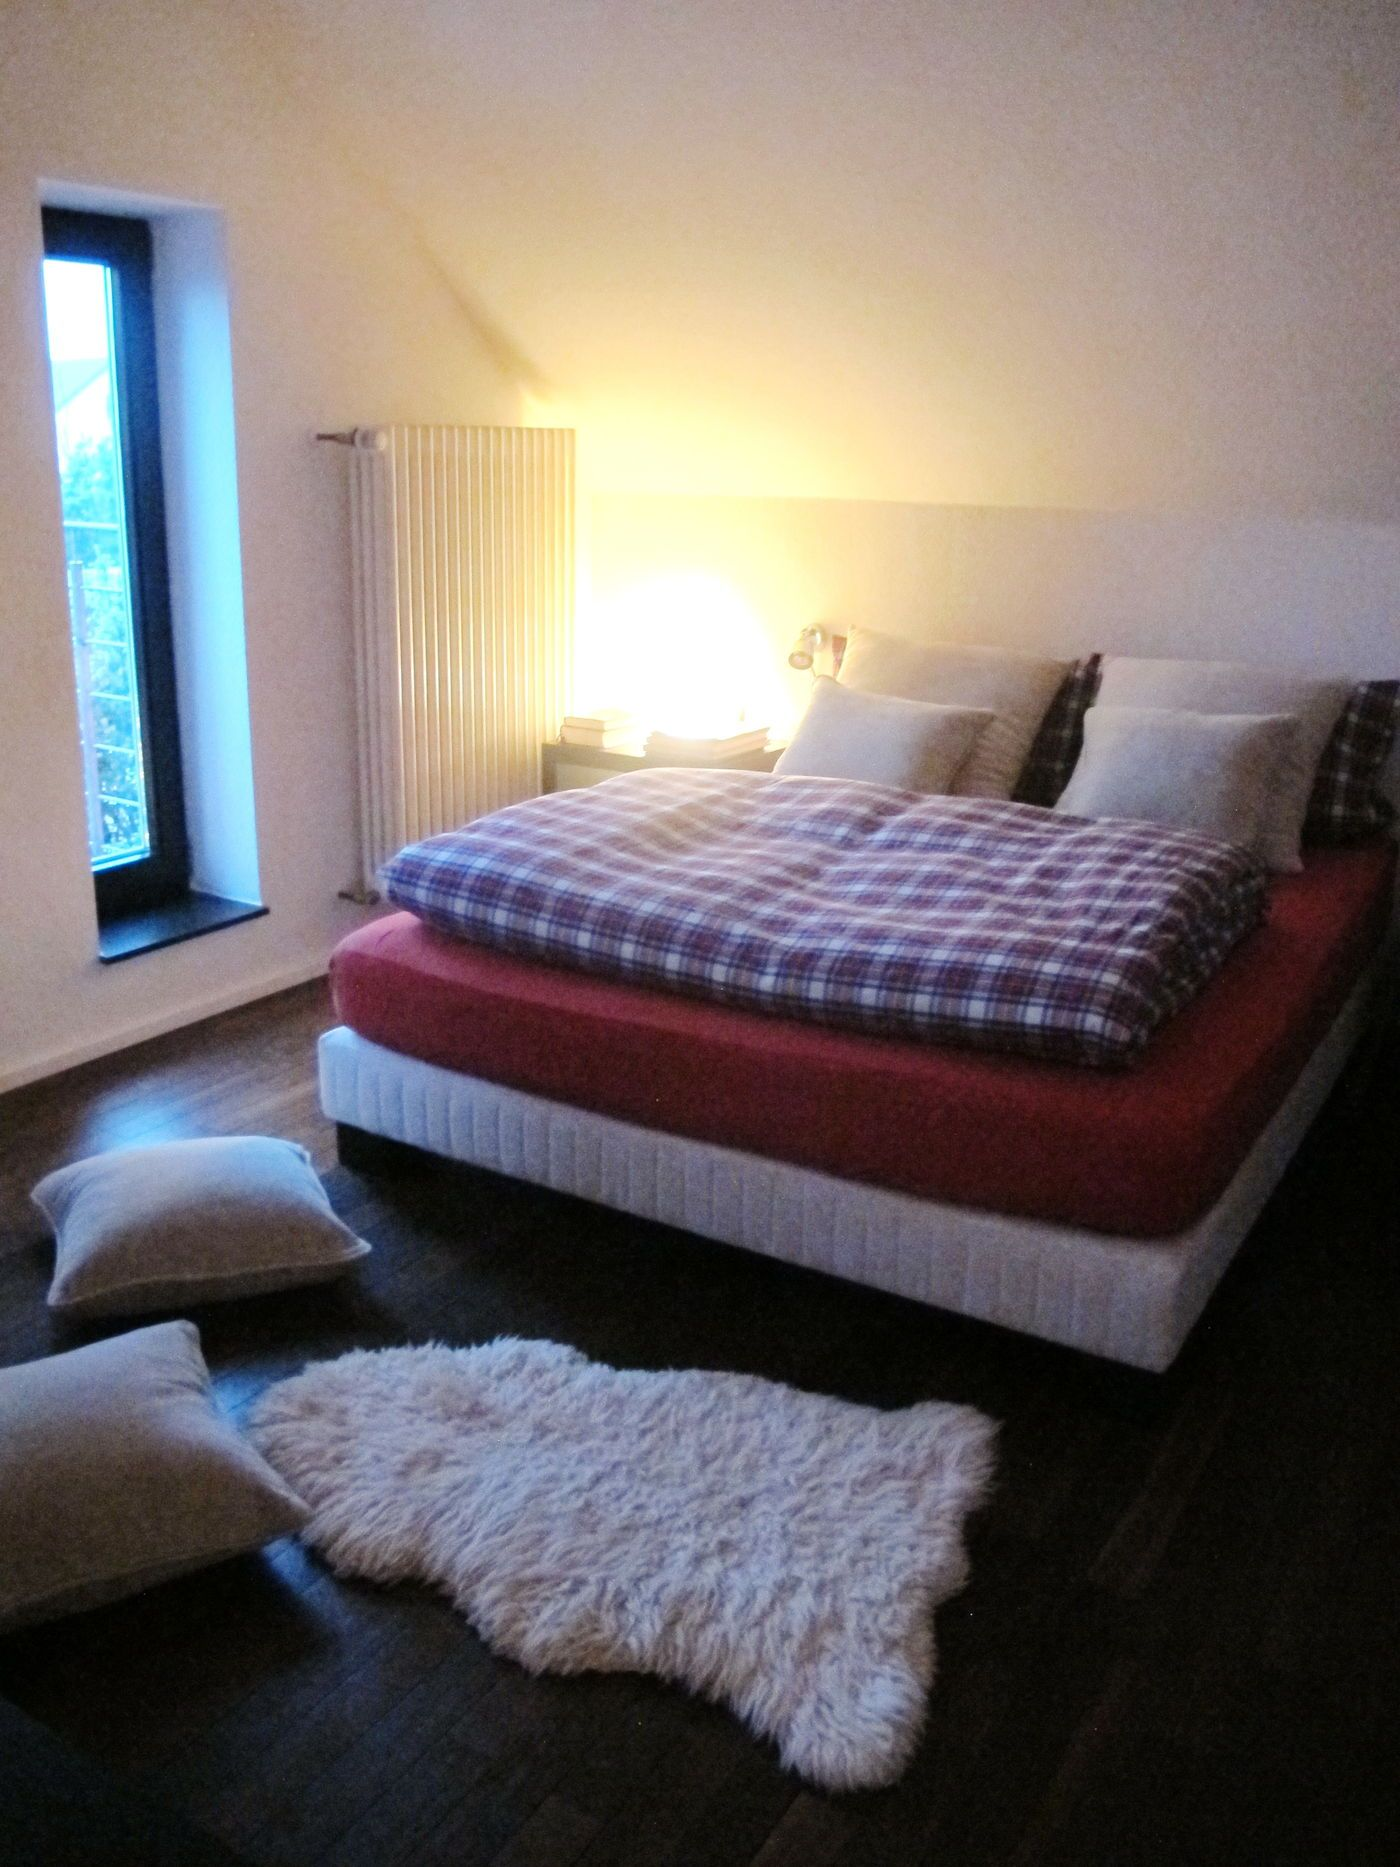 Full Size of Betten 180x200 Münster Massivholz Jabo Gebrauchte Hülsta Amazon Günstige 140x200 Wohnzimmer Octopus Betten